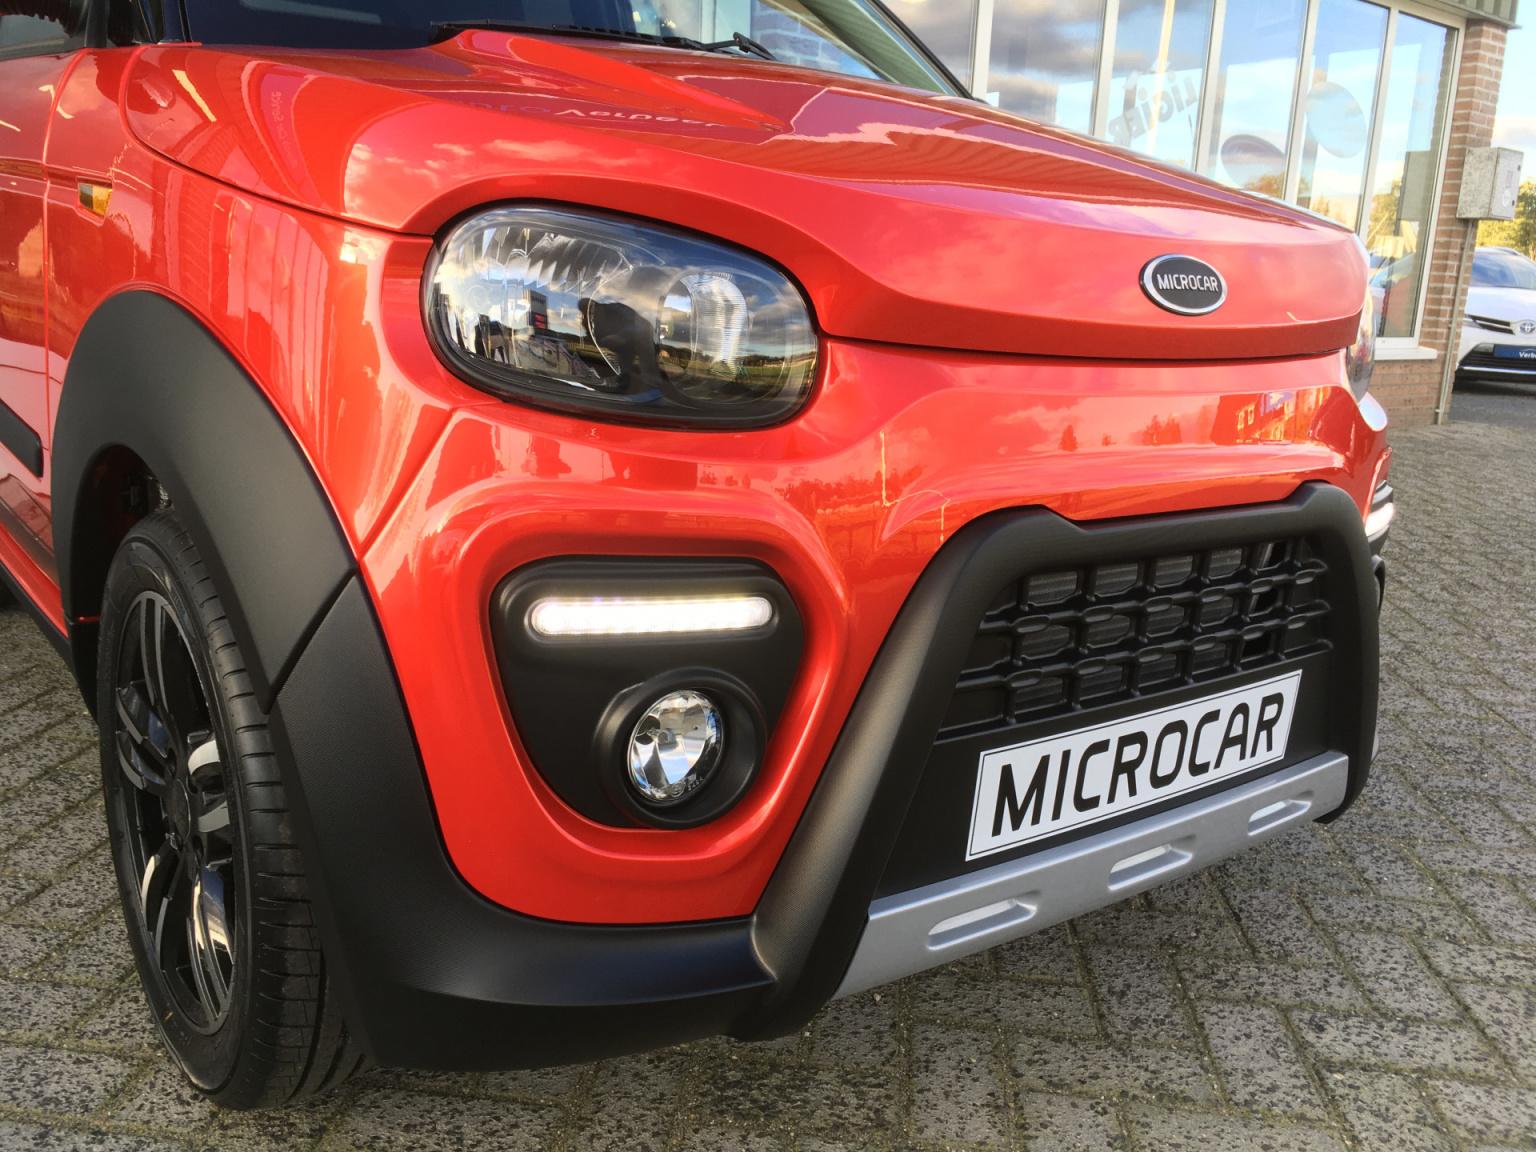 Microcar-M.GO 6 X Sun DCI - Van € 16.880,- voor € 14.995,- | Voorraadactie!-9